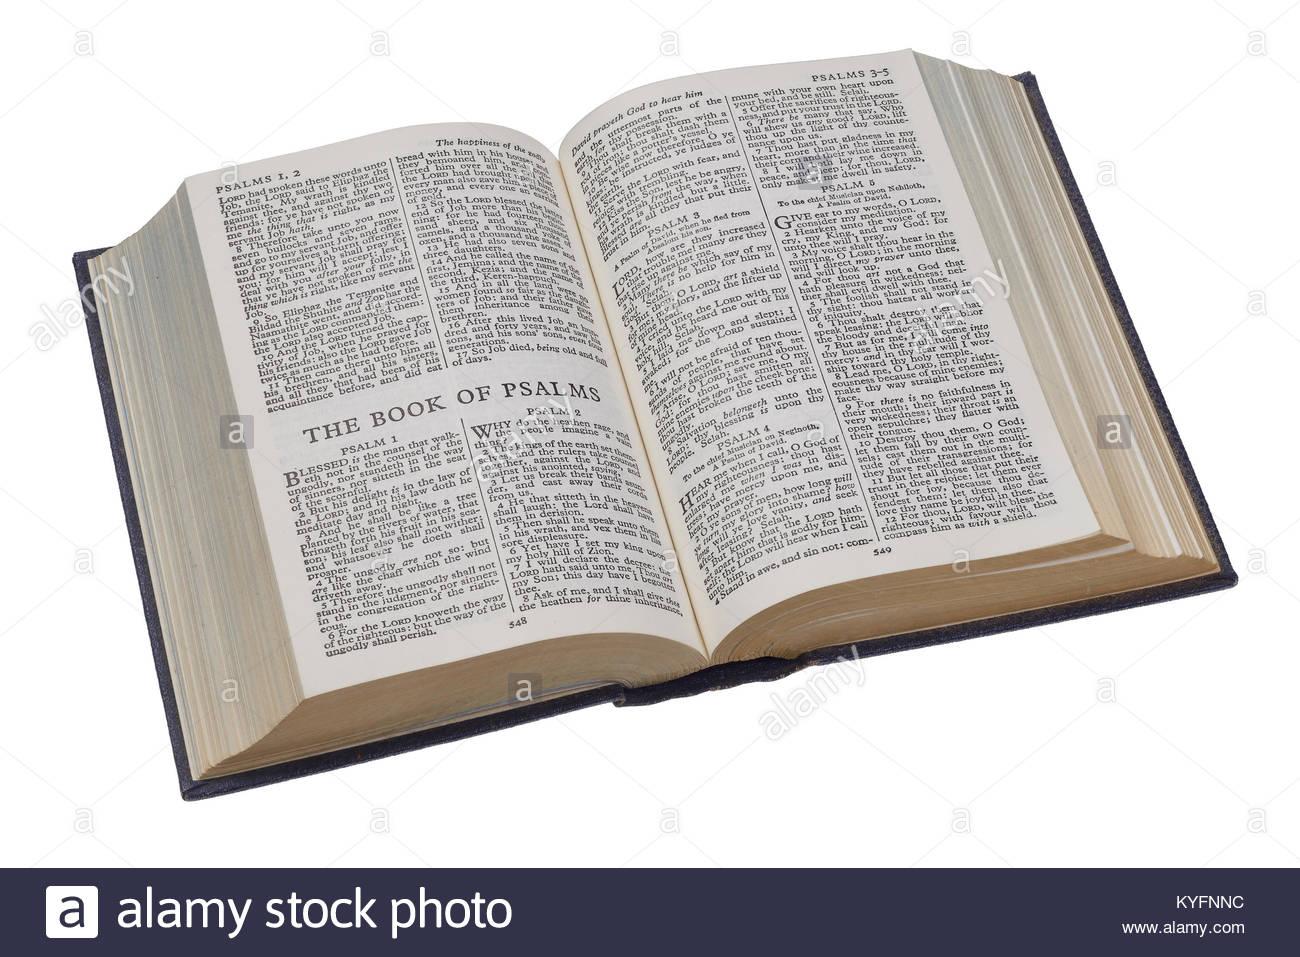 Una Tapa Dura Biblia Abierta En El Libro De Los Salmos